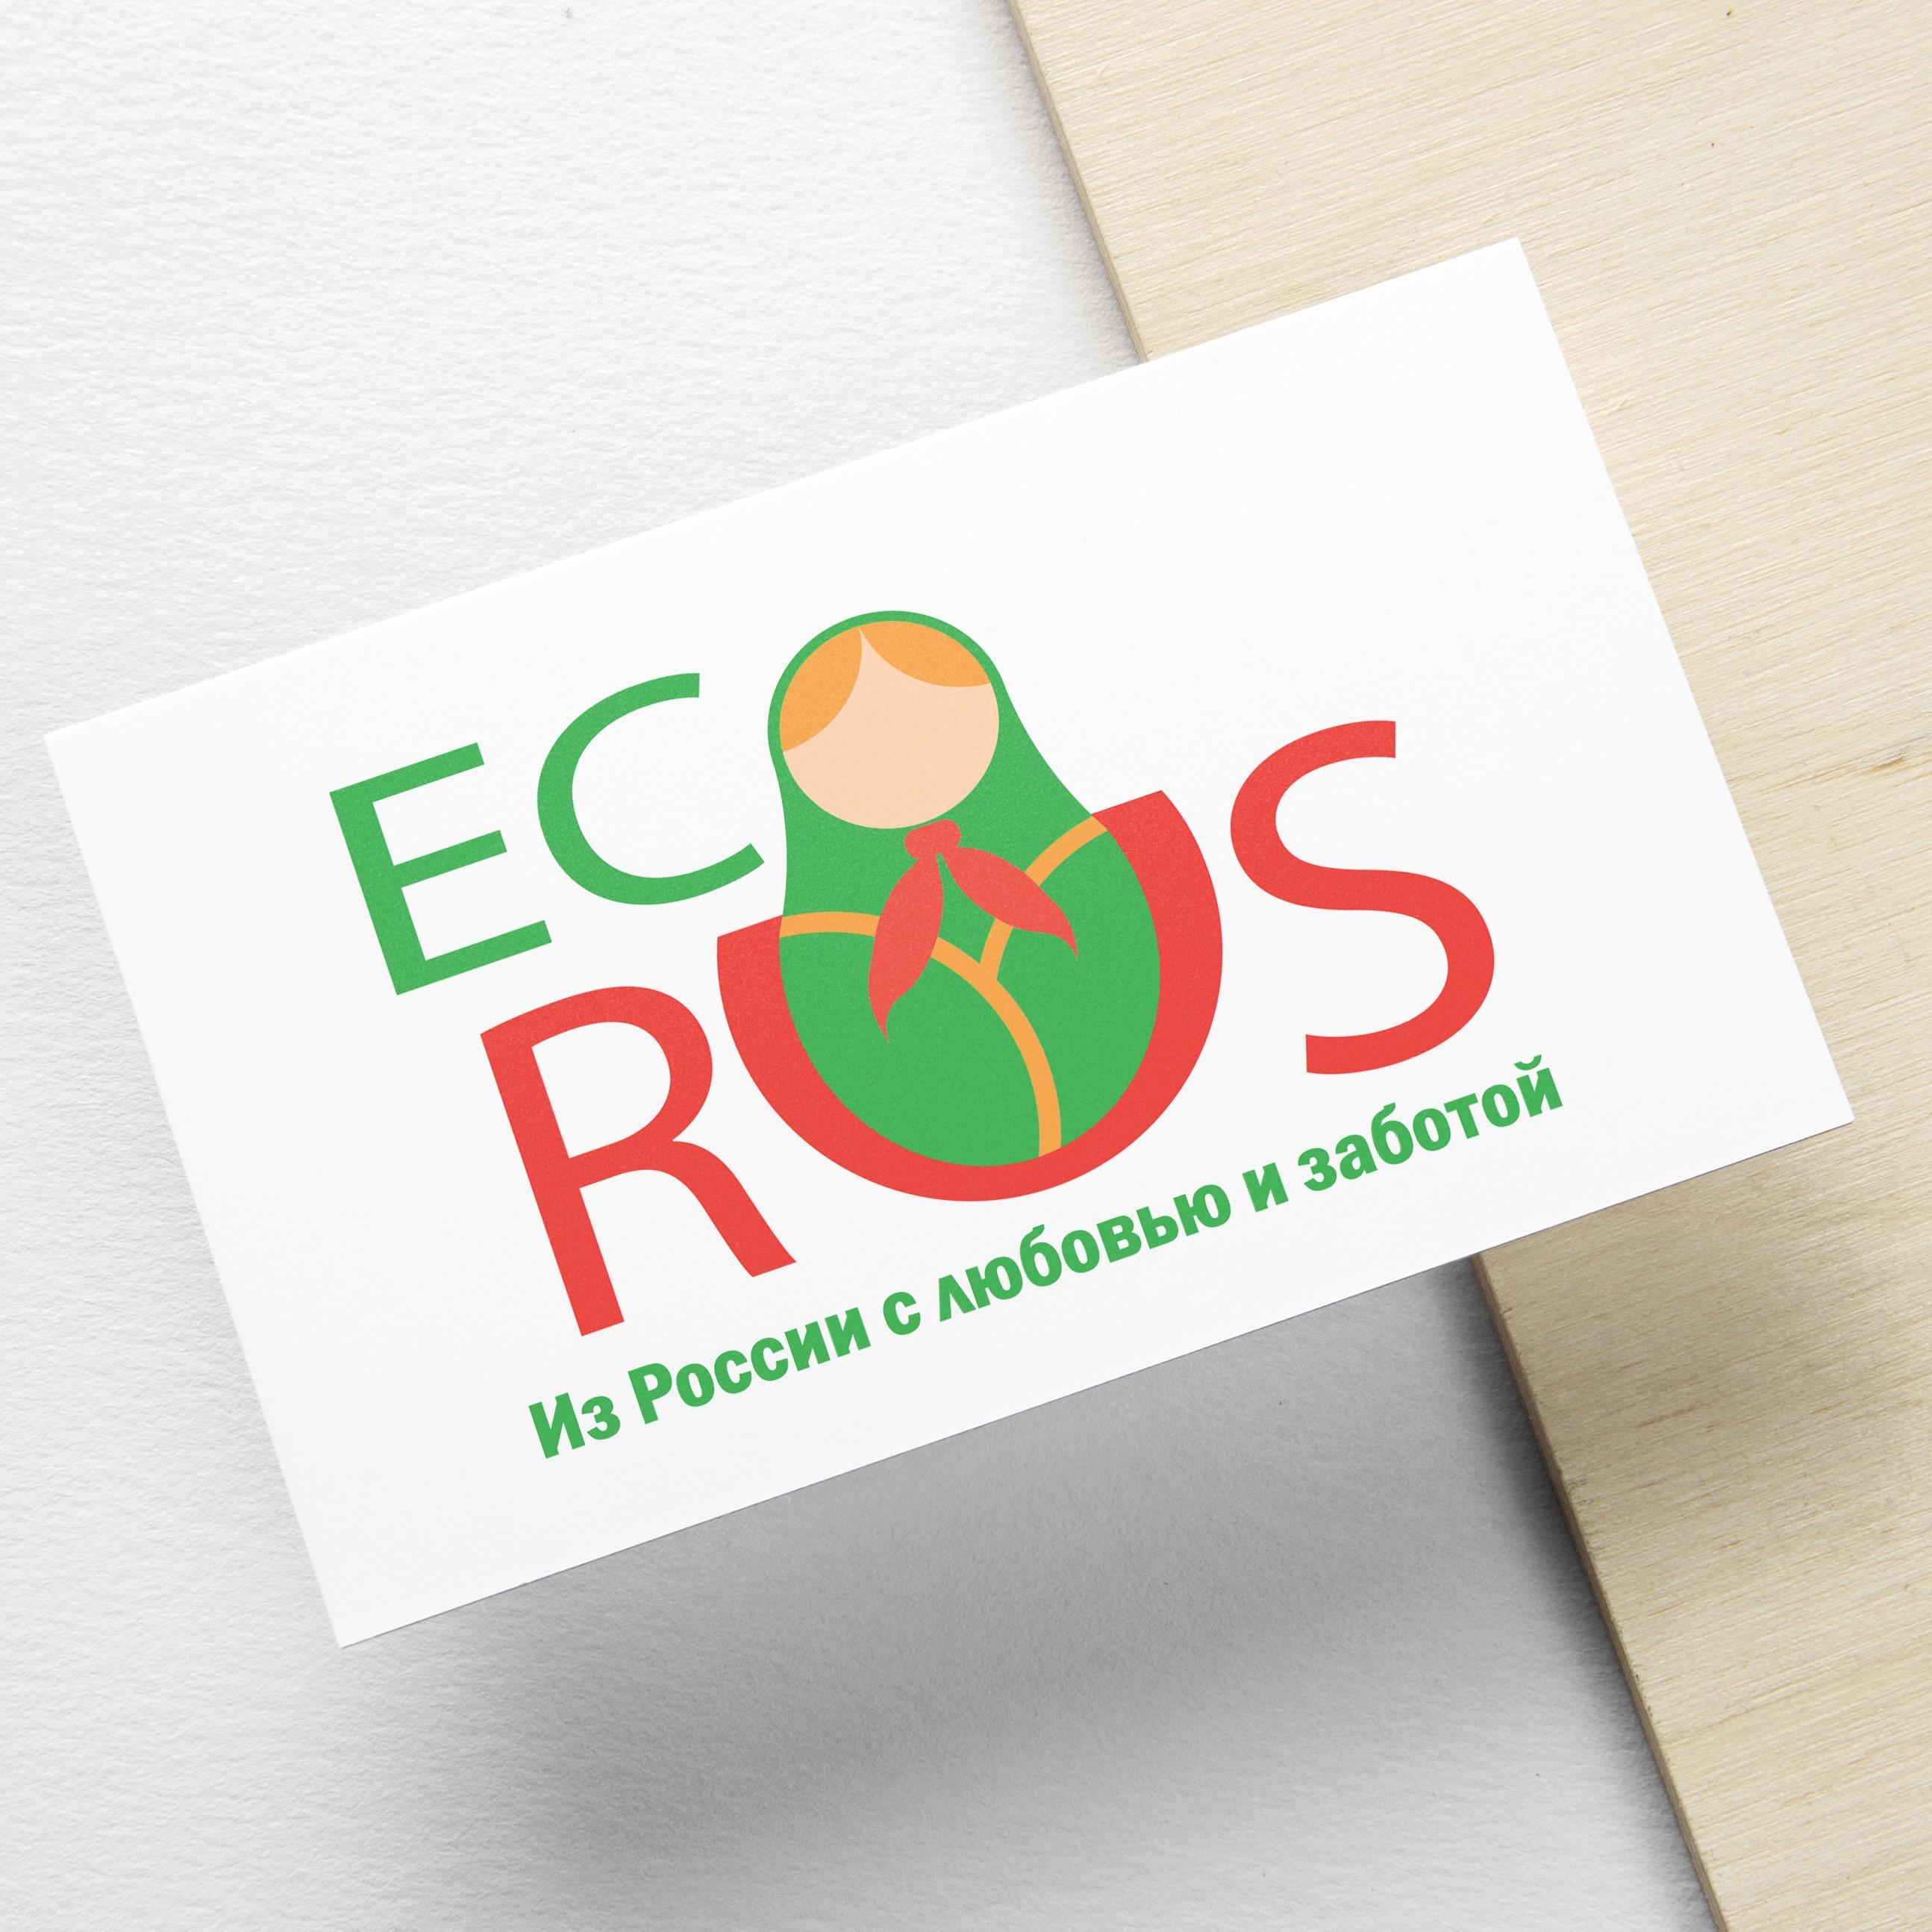 Логотип для поставщика продуктов питания из России в Китай фото f_8335ea71b22d9bb4.jpg